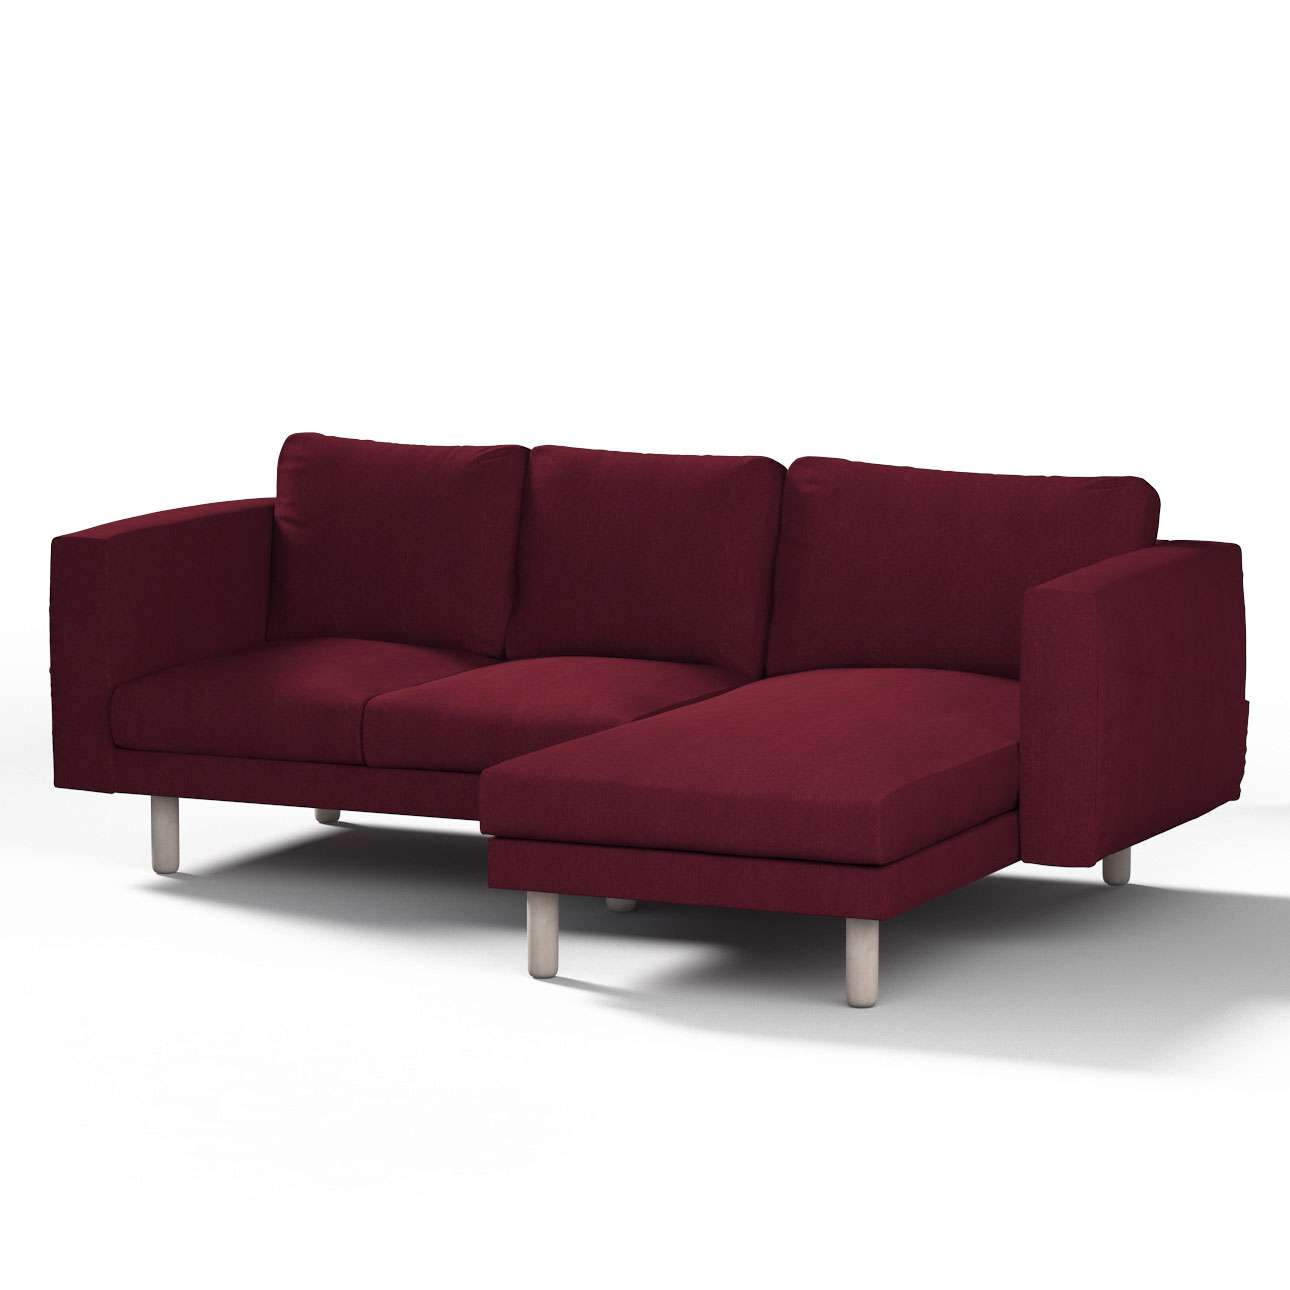 Pokrowiec na sofę Norsborg 3-osobową z szezlongiem w kolekcji Chenille, tkanina: 702-19